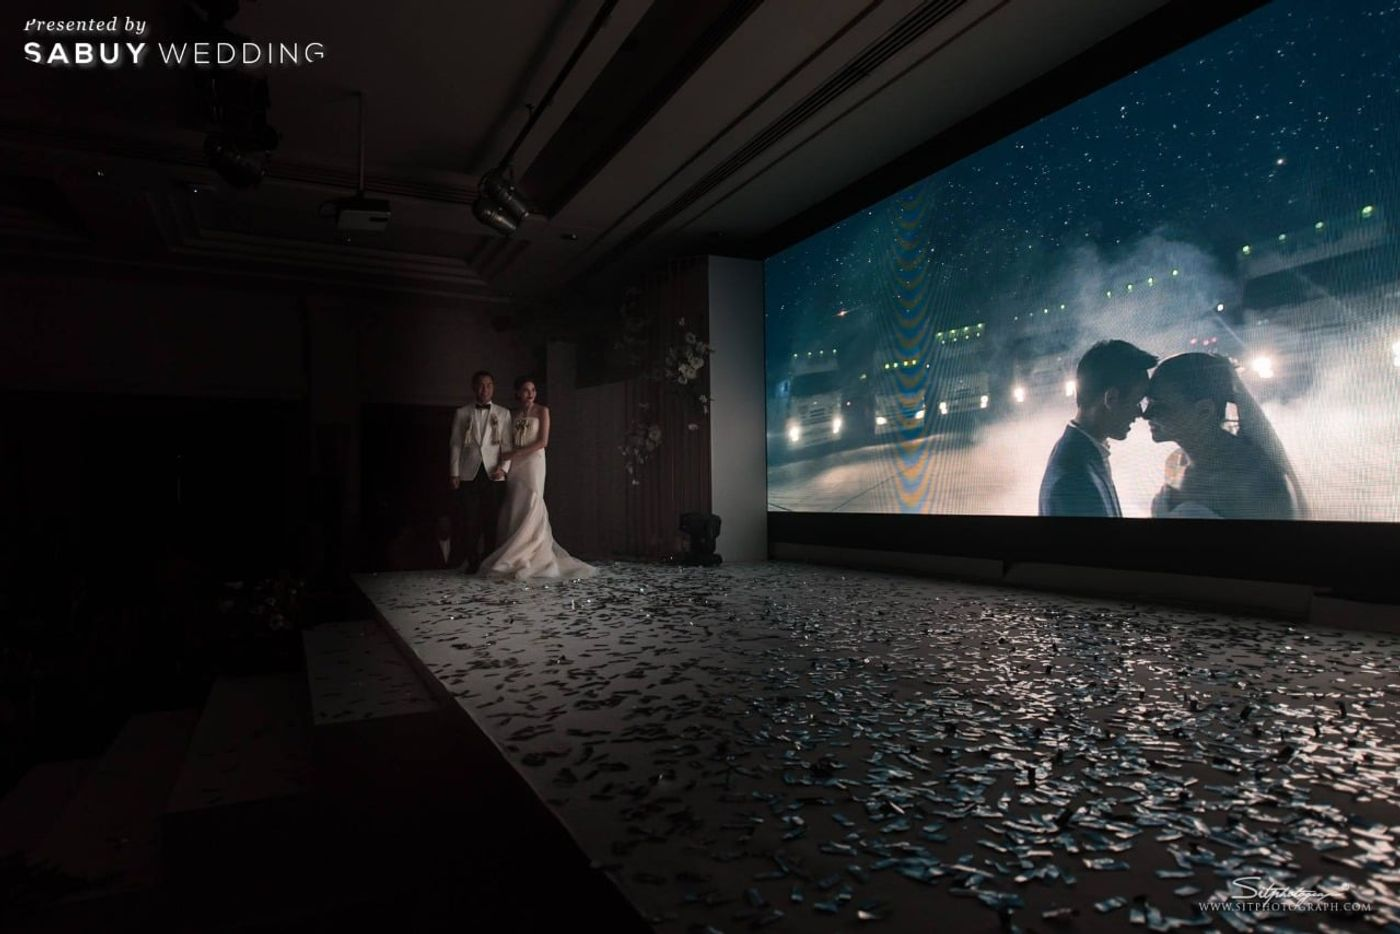 บ่าวสาว,พรีเซนเทชั่นแต่งงาน,งานแต่งงาน,เวทีงานแต่ง รีวิวงานแต่งแห่งปีของอยุธยา หรูหราด้วยโทนสี Rose Gold @Krungsri River Hotel